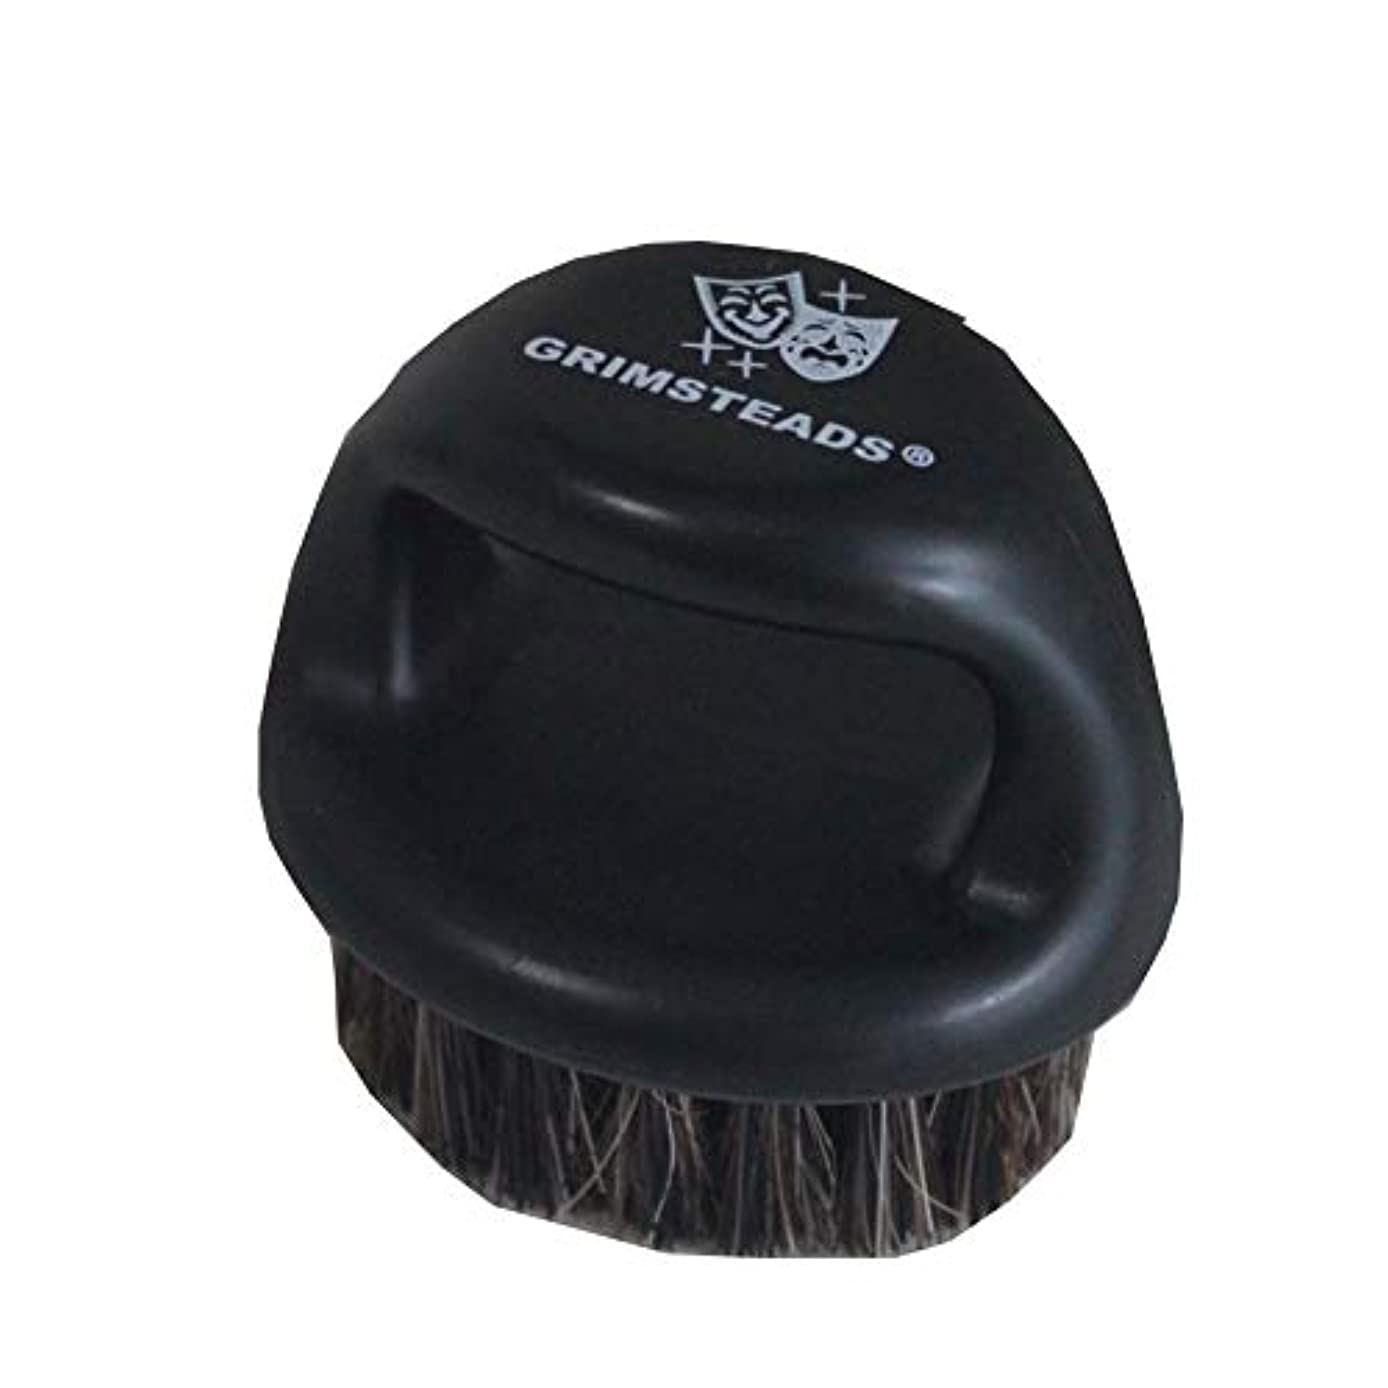 移行する加害者芽FADE BRUSH フェードブラシ GRIMSTEADS 美容室 理容室 BARBER